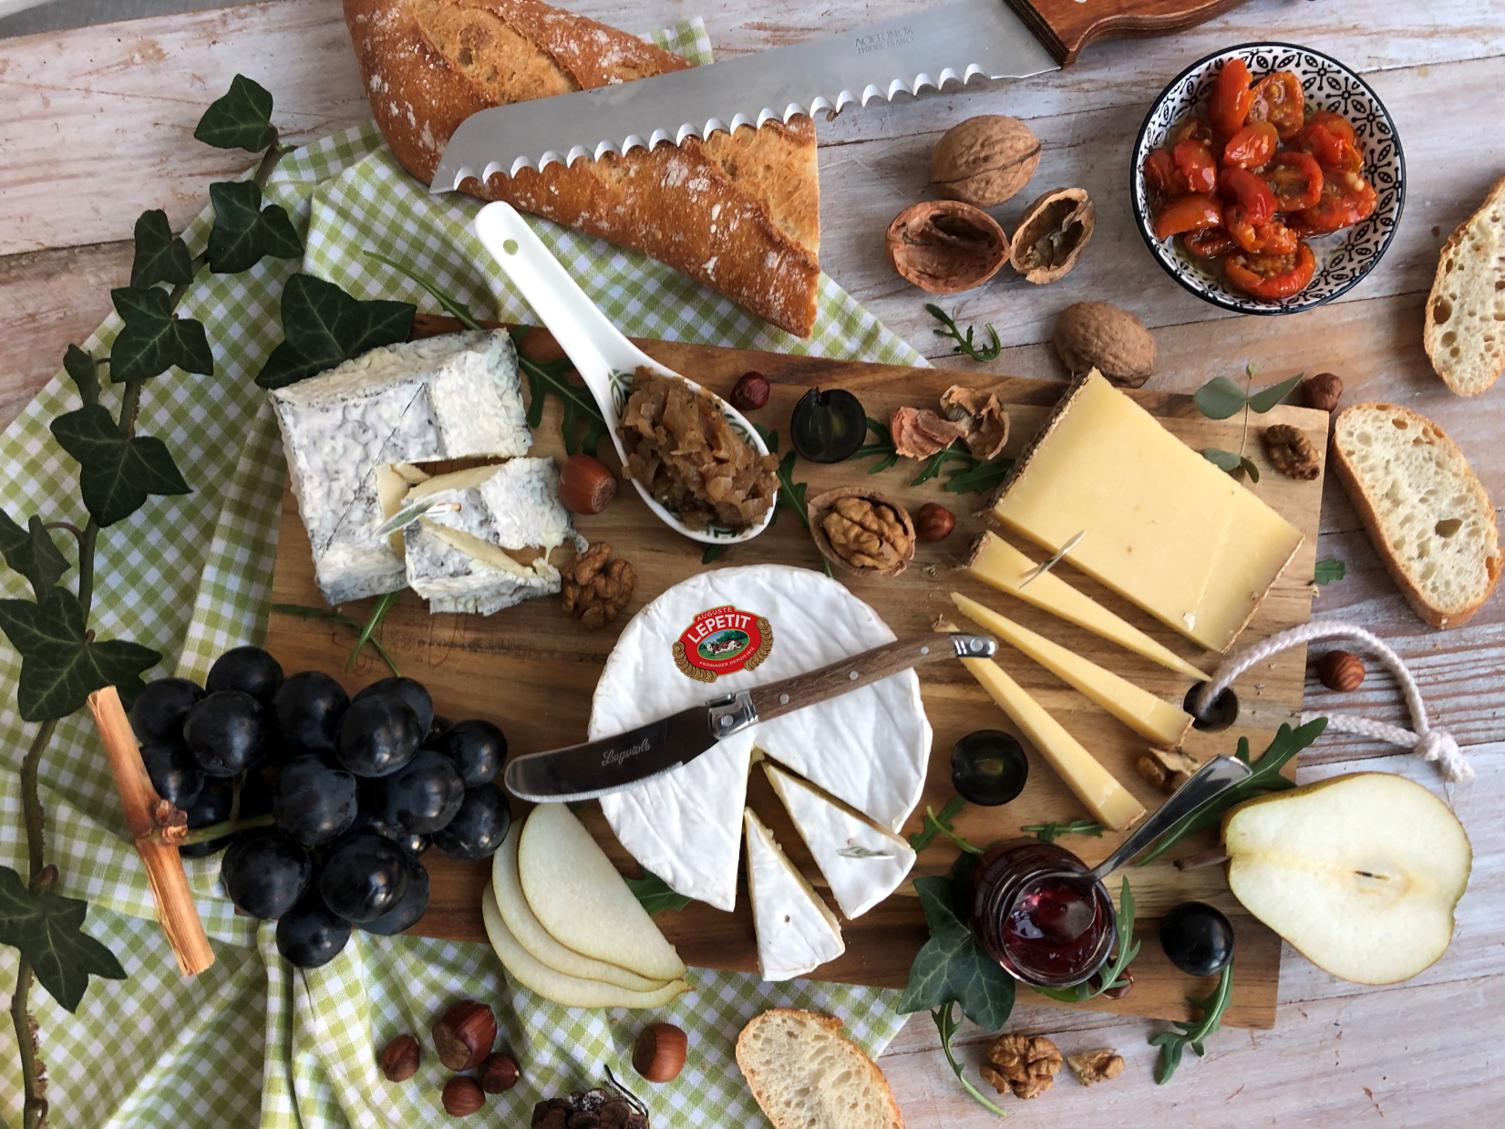 Plateau de fromages #1 : Camembert, Comté et Valençay